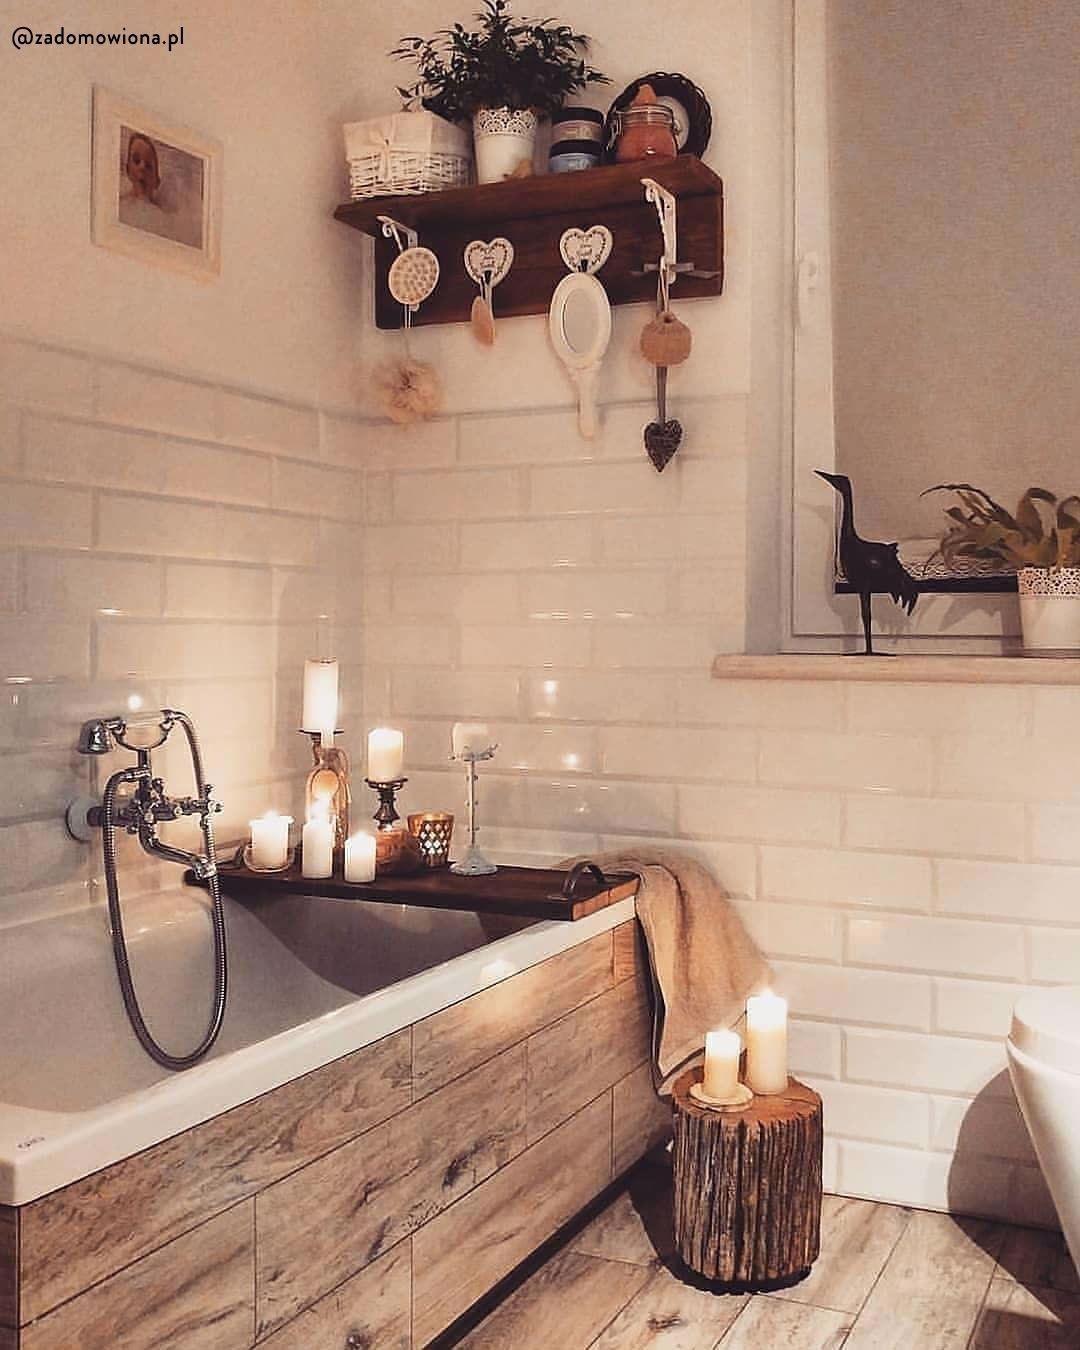 Bathroomaccessories Home Spa Relaxen Im Eigenen Bad In Einem Behaglichen Wohlfuhlbadezimmer Lasst Es Sich Wunderbar Entspan In 2020 Cosy Bathroom Cozy Bathroom Home